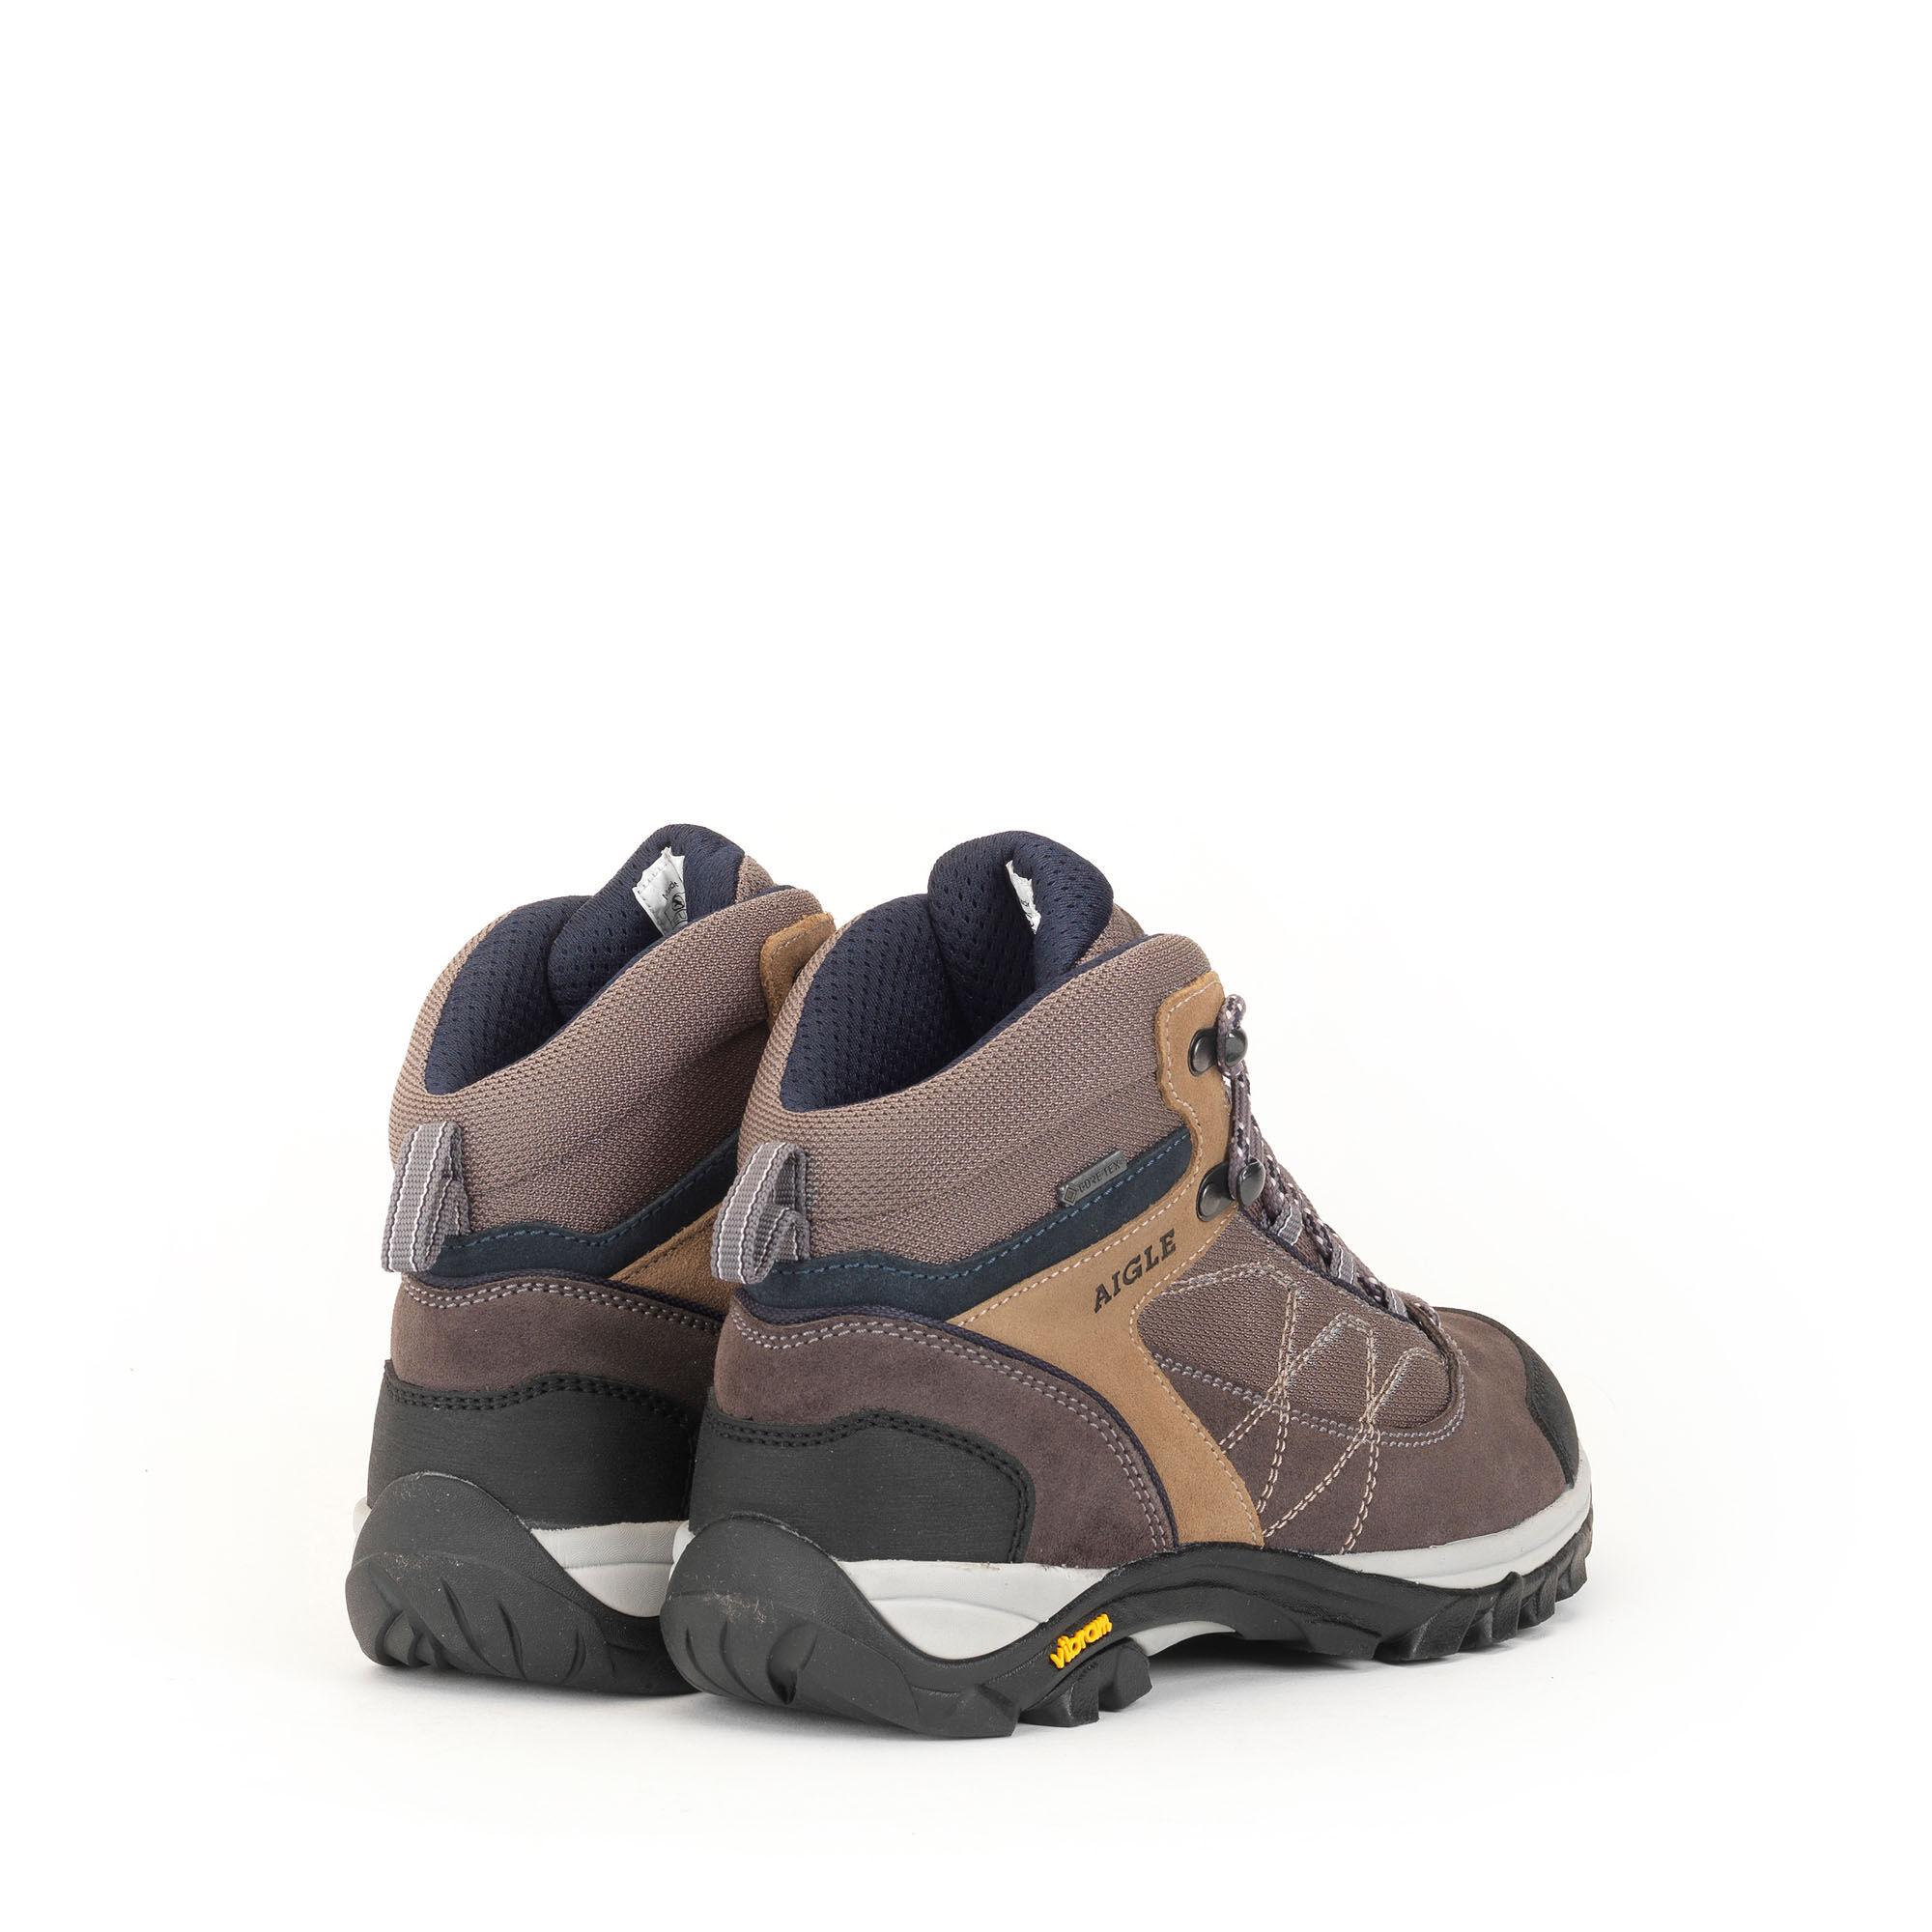 Chaussures Chaussures Randonnée Aigle Randonnée Femme Petite Femme Petite U1tpwBHq